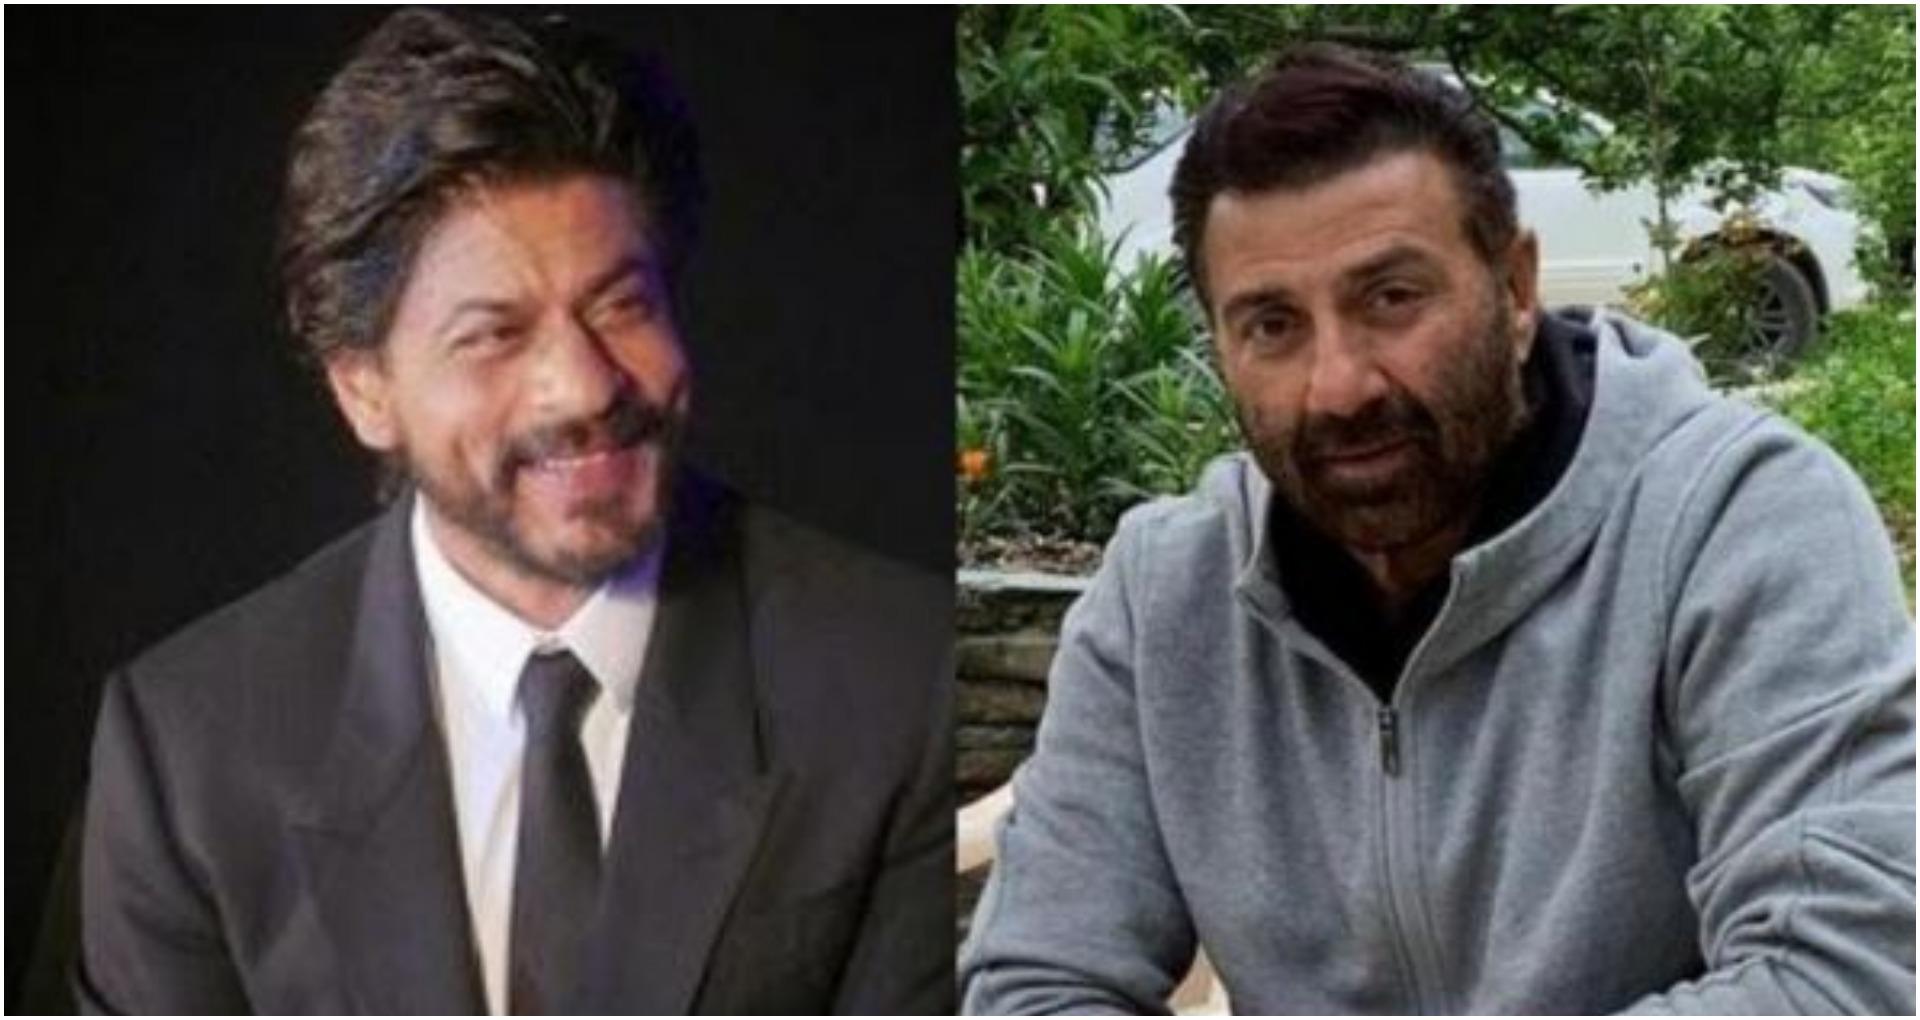 सनी देओल ने नहीं की 16 साल तक शाहरुख खान से बात, खुद सनी देओल ने बताई वजह